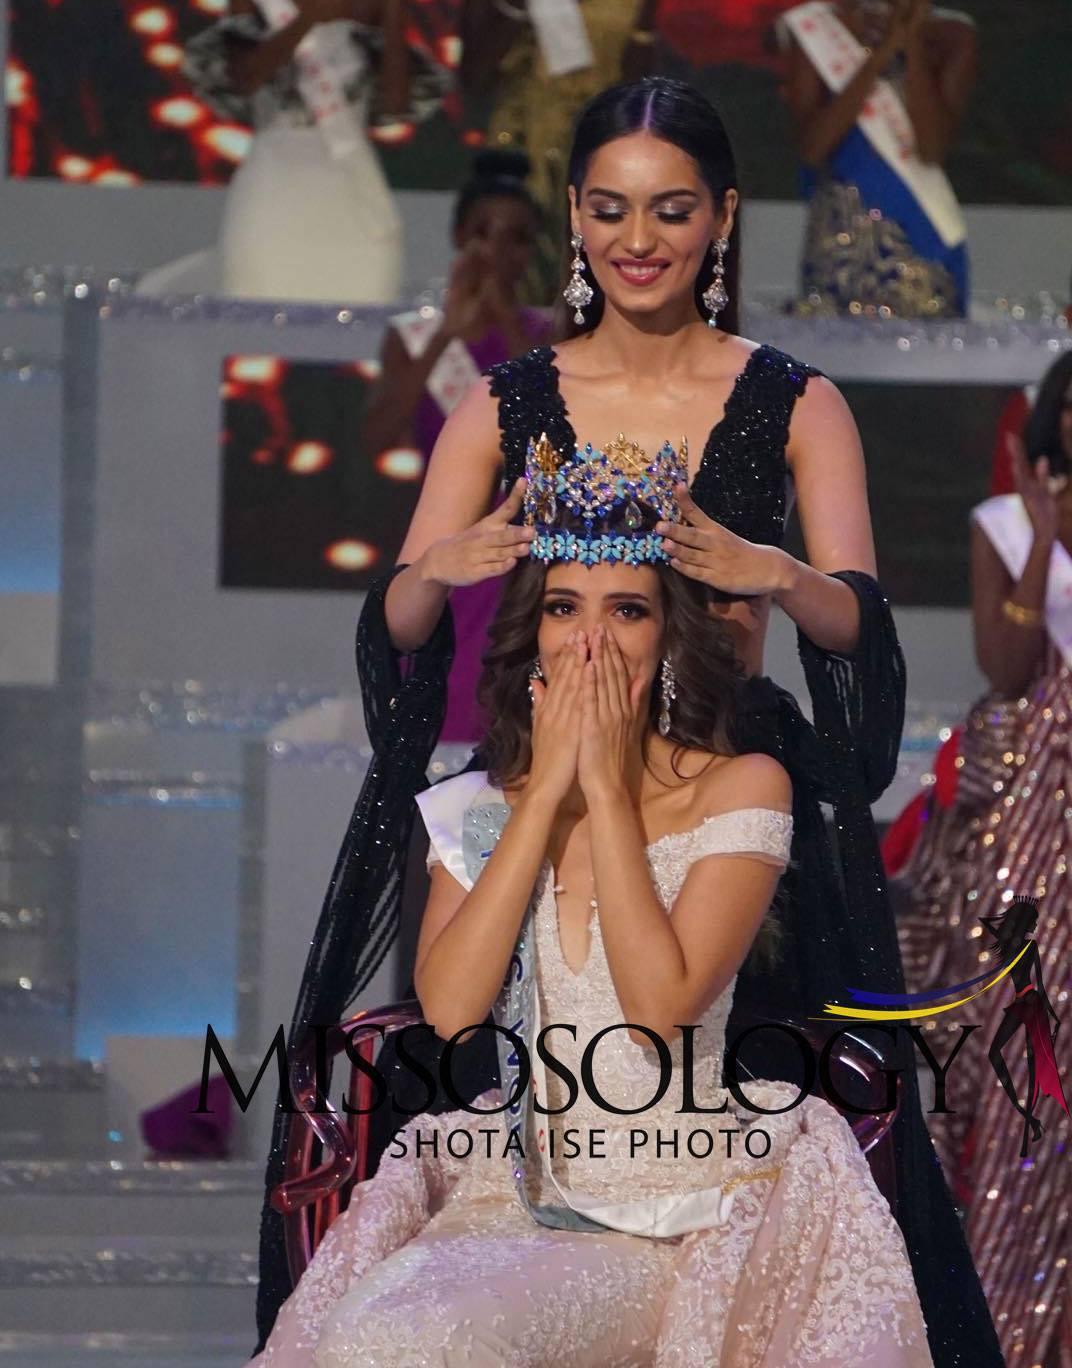 Người đẹp Mexico đăng quang Miss World 2018, Tiểu Vy dừng chân ở Top 30 trong tiếc nuối 1